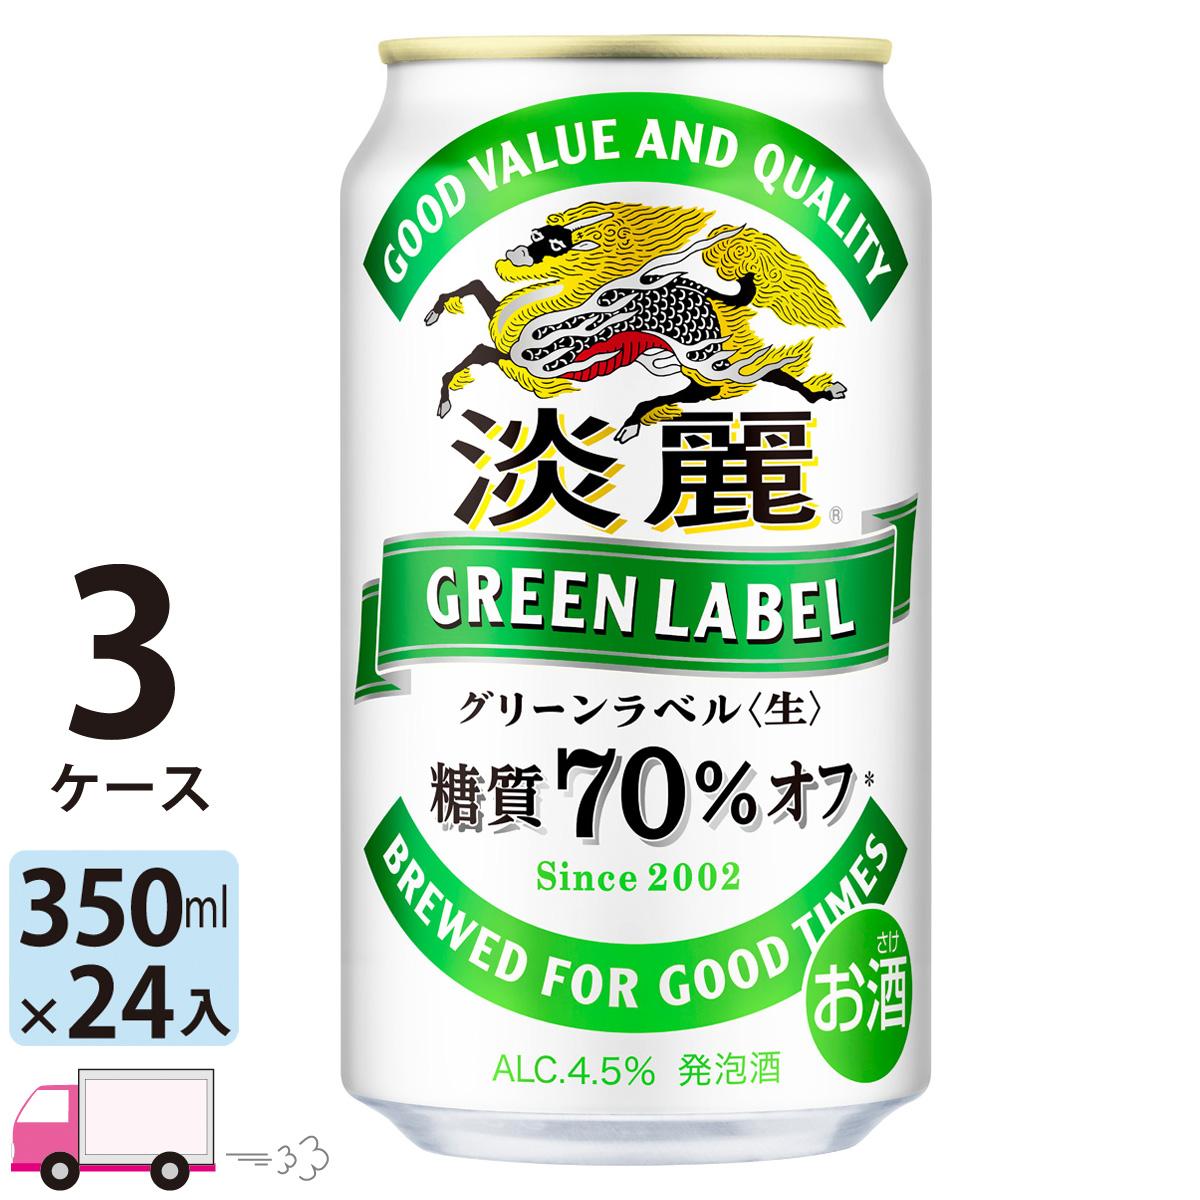 糖質70%オフで、すっきり飲みやすい、淡麗グリーンラベル。 送料無料 キリン ビール 淡麗 グリーンラベル 350ml ×24缶入 3ケース (72本)